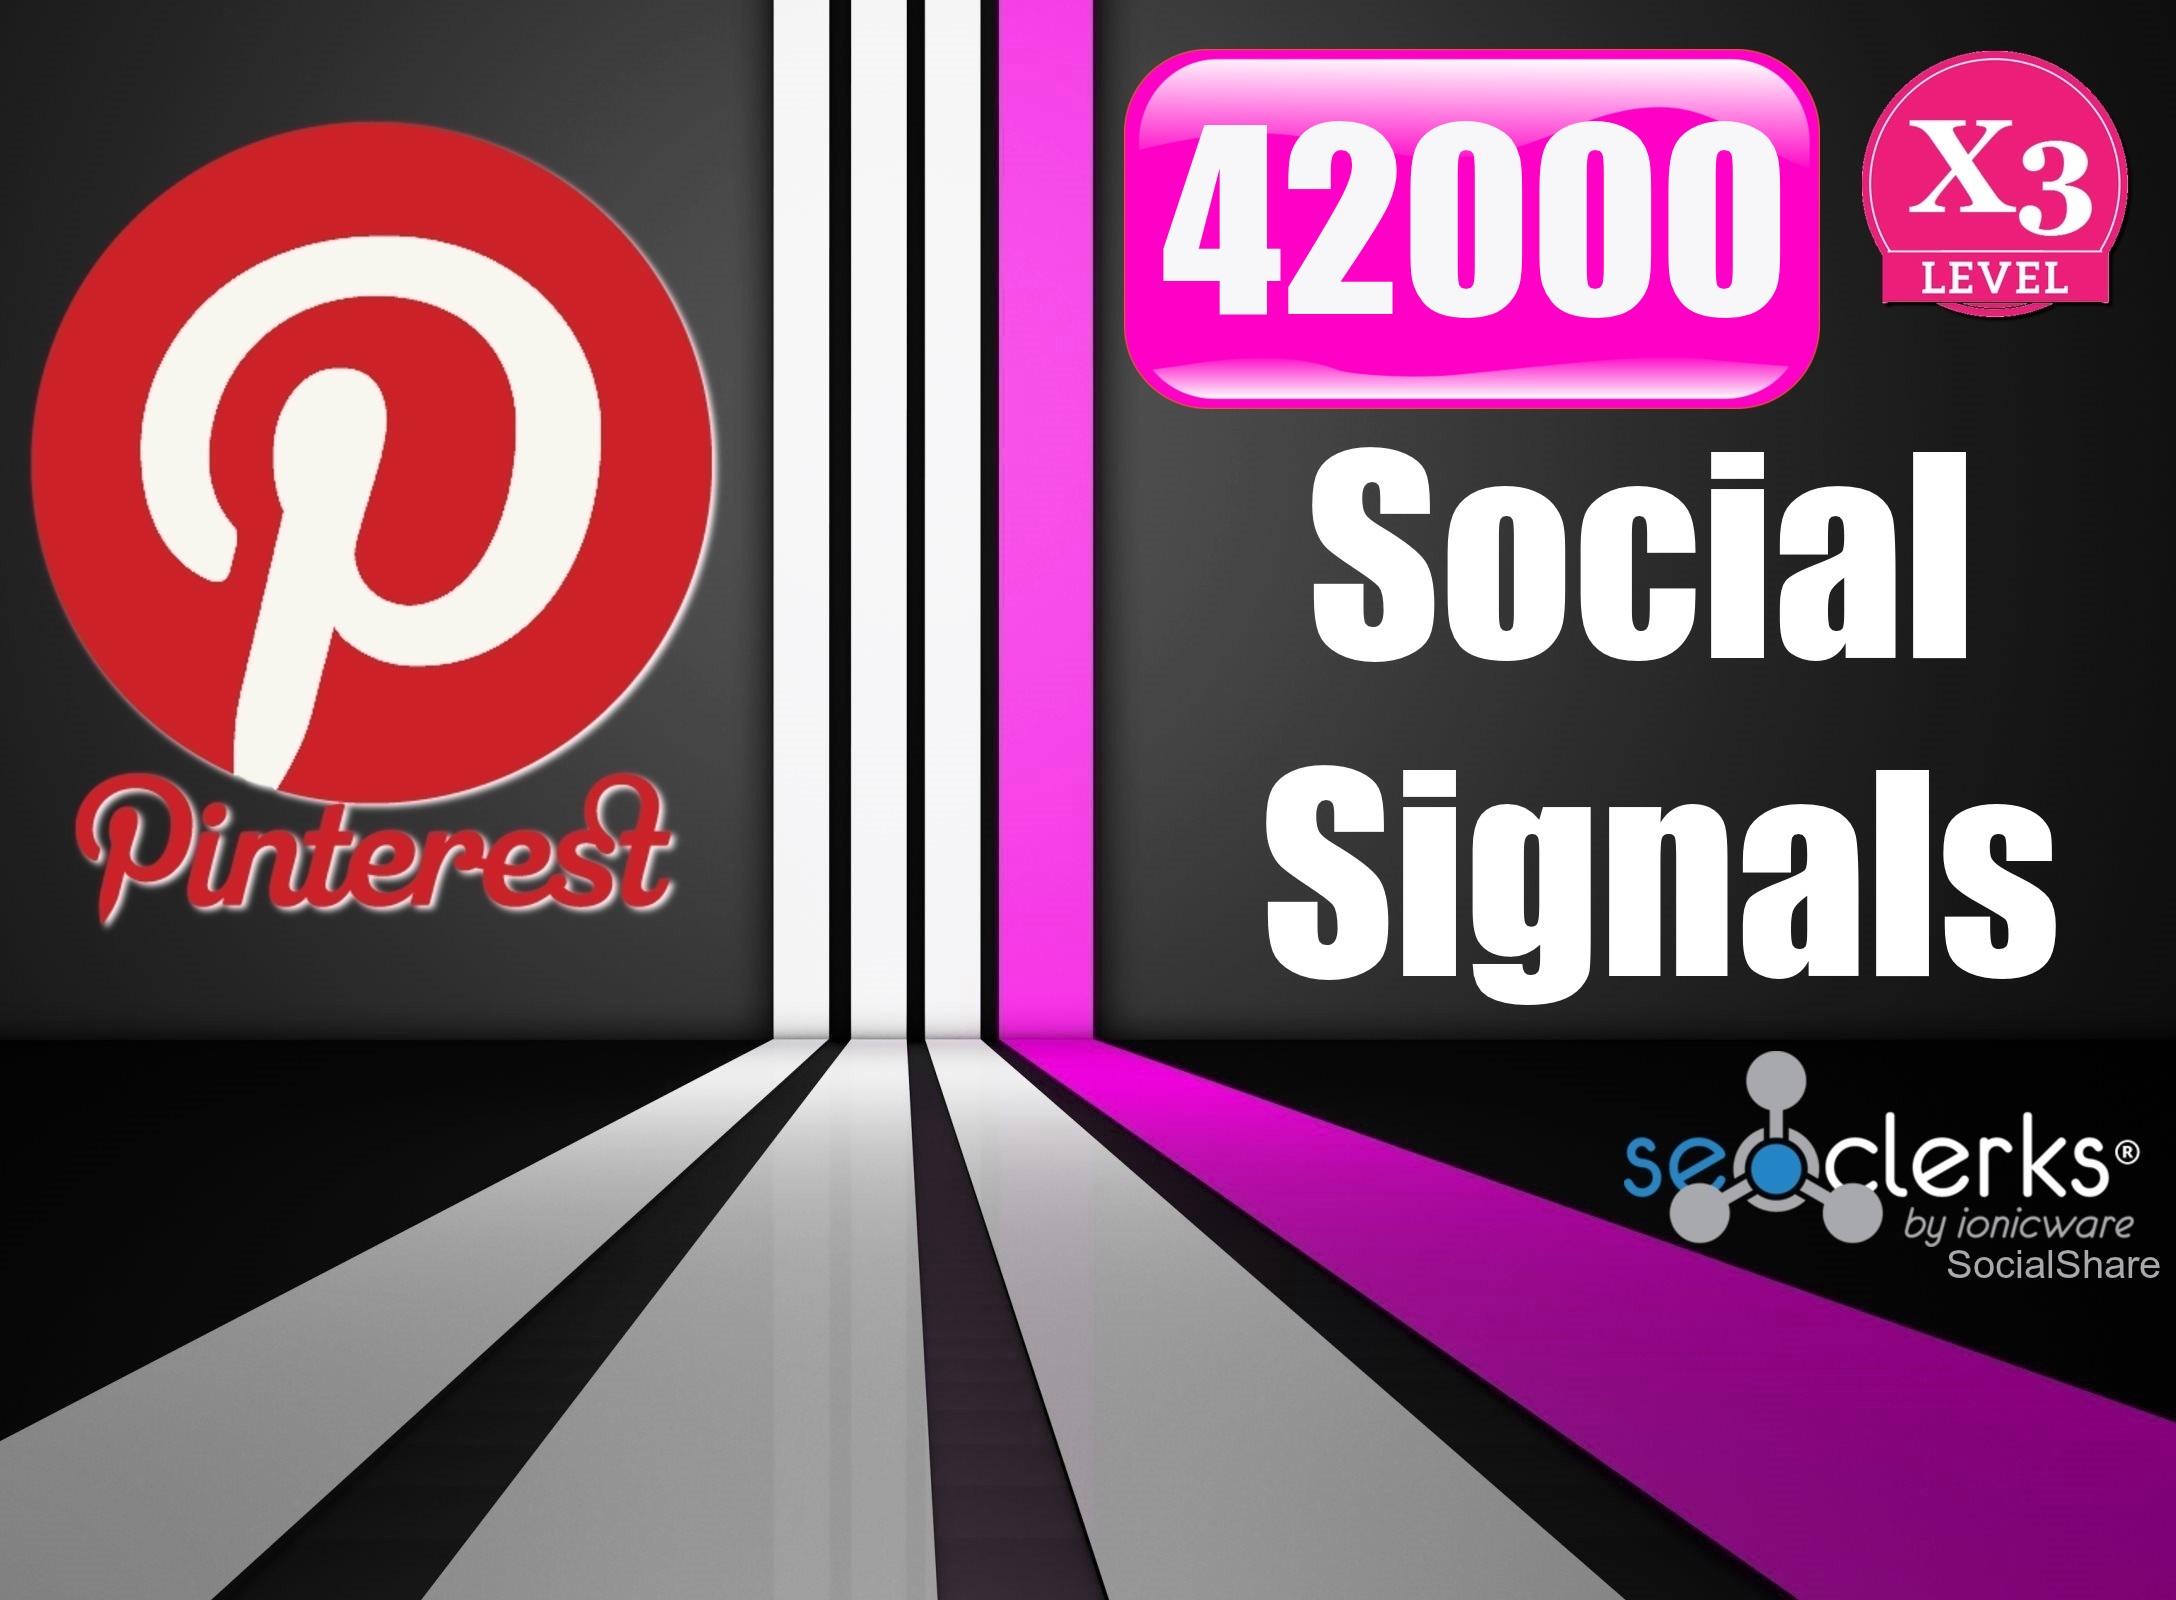 42,000 PR9 Pinterest SEO Social Signals